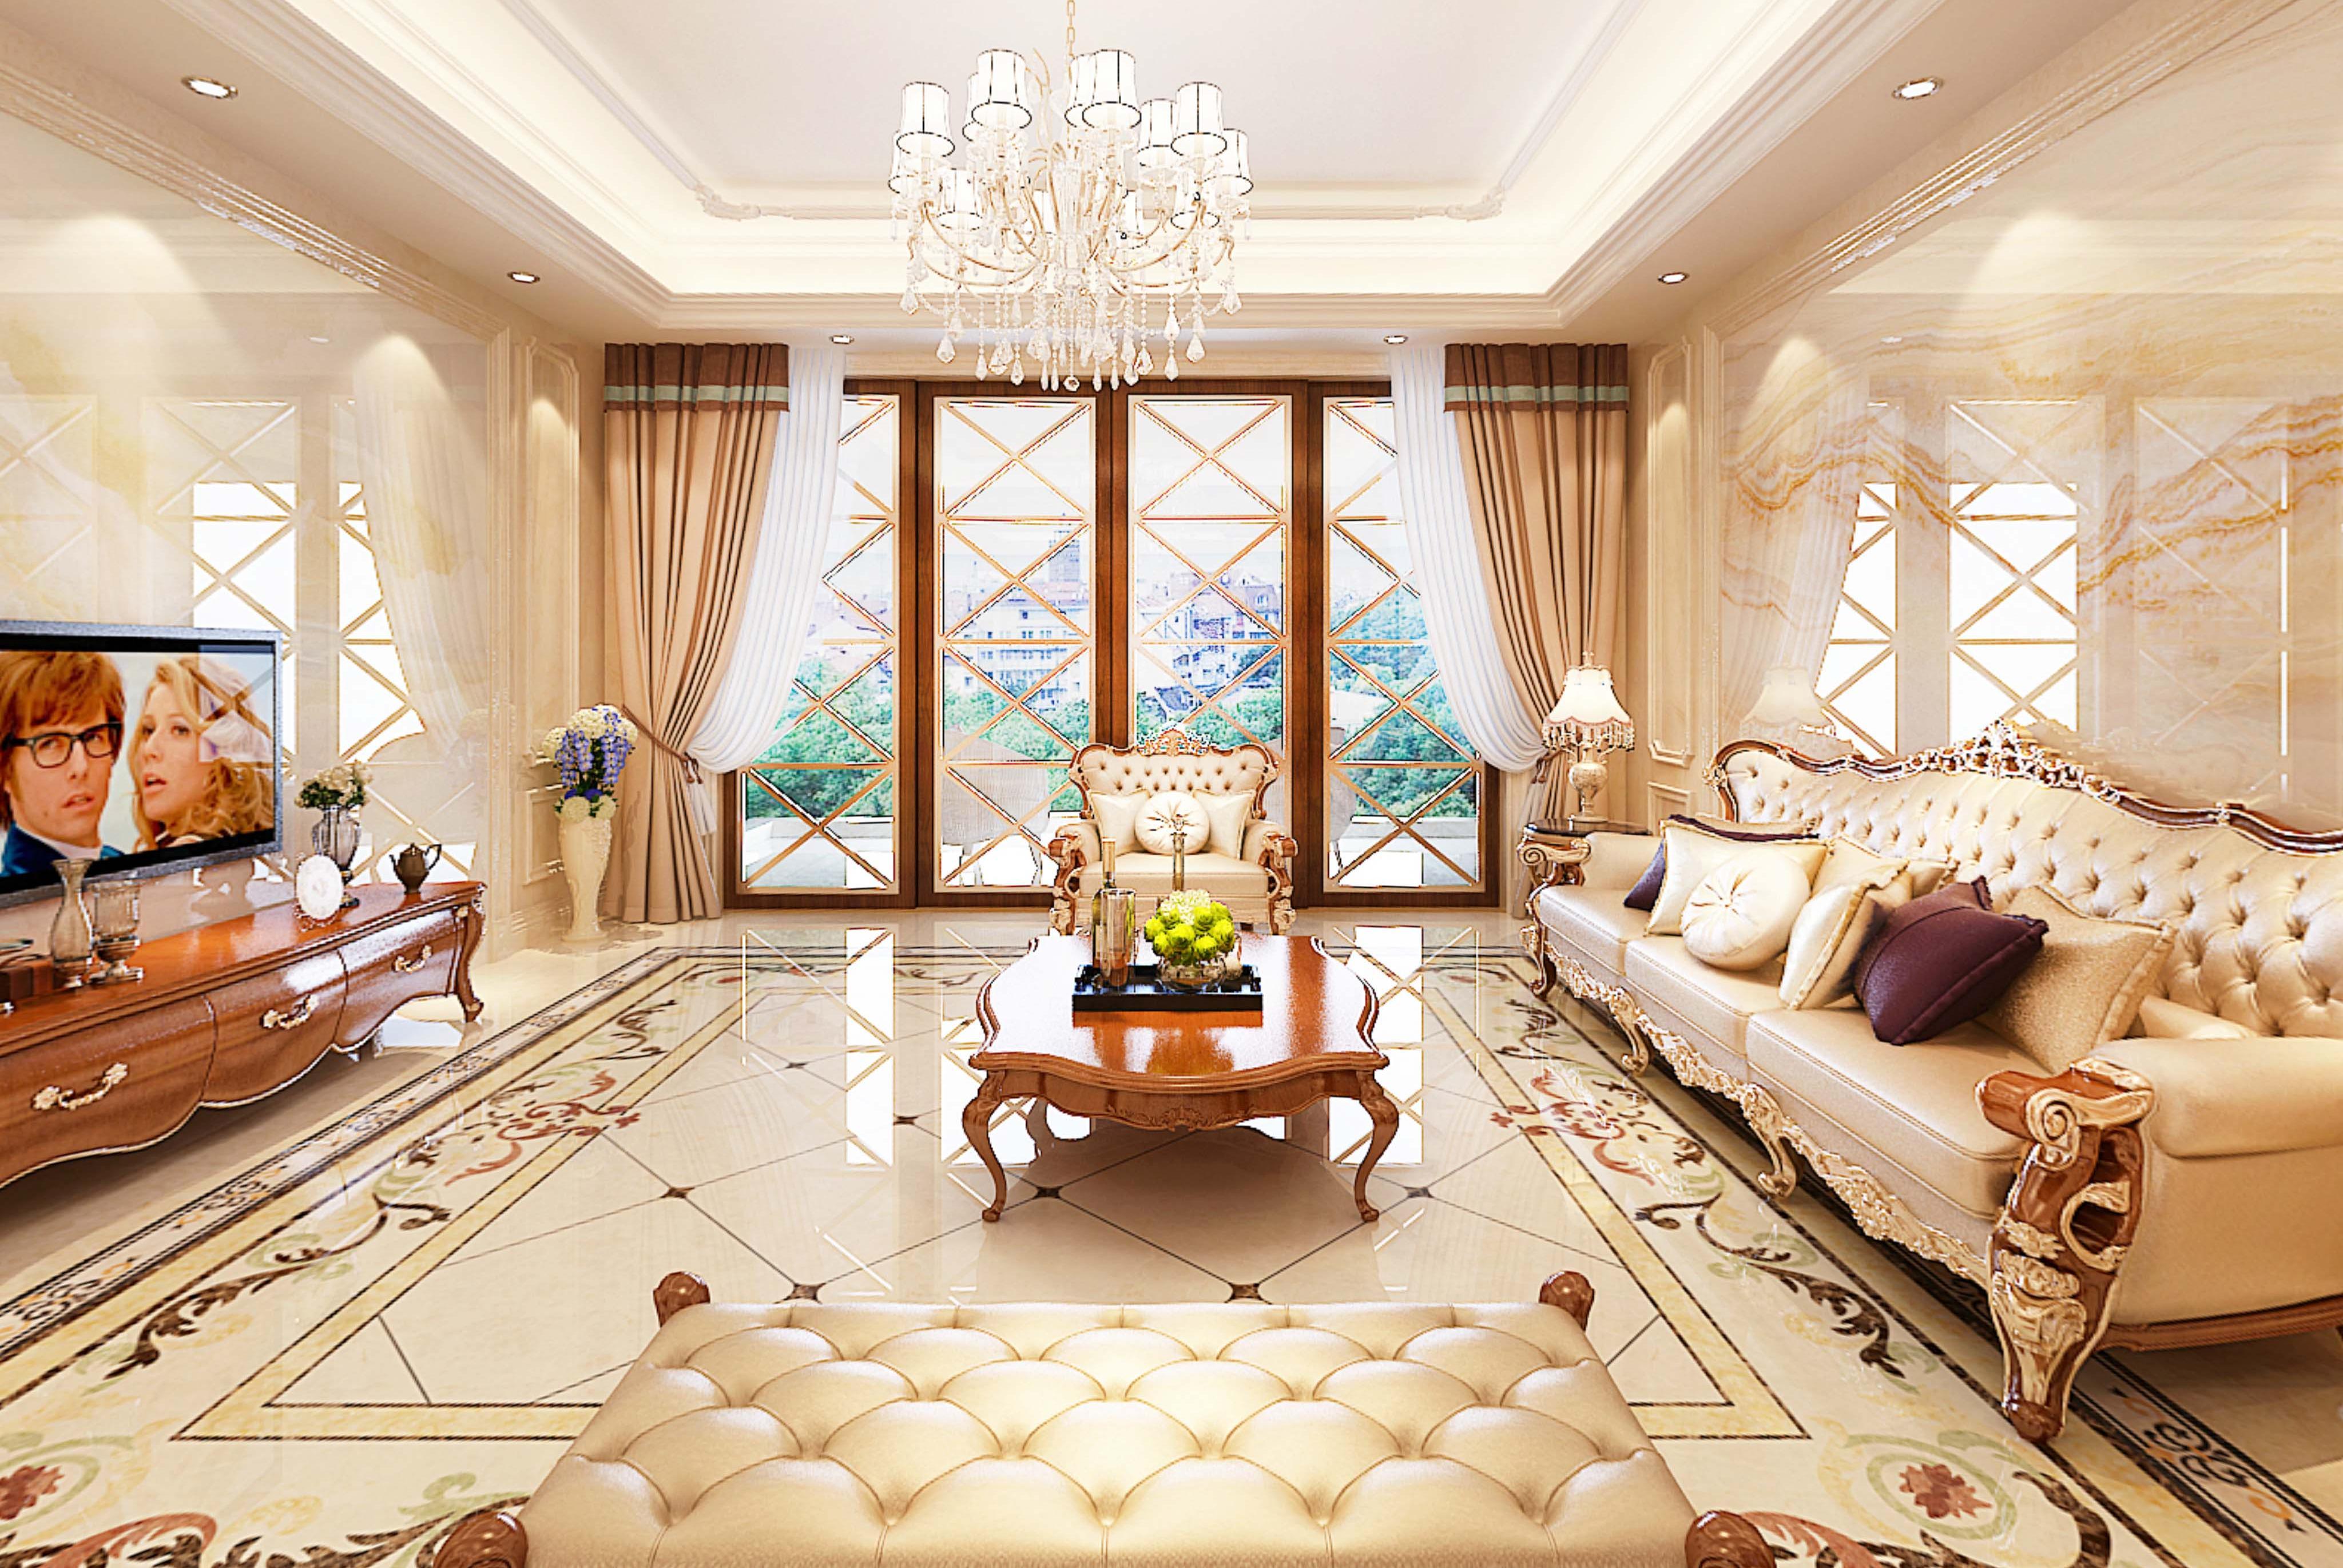 沿袭古典欧式的典雅与轻奢,又融合了现代生活的休闲和舒适